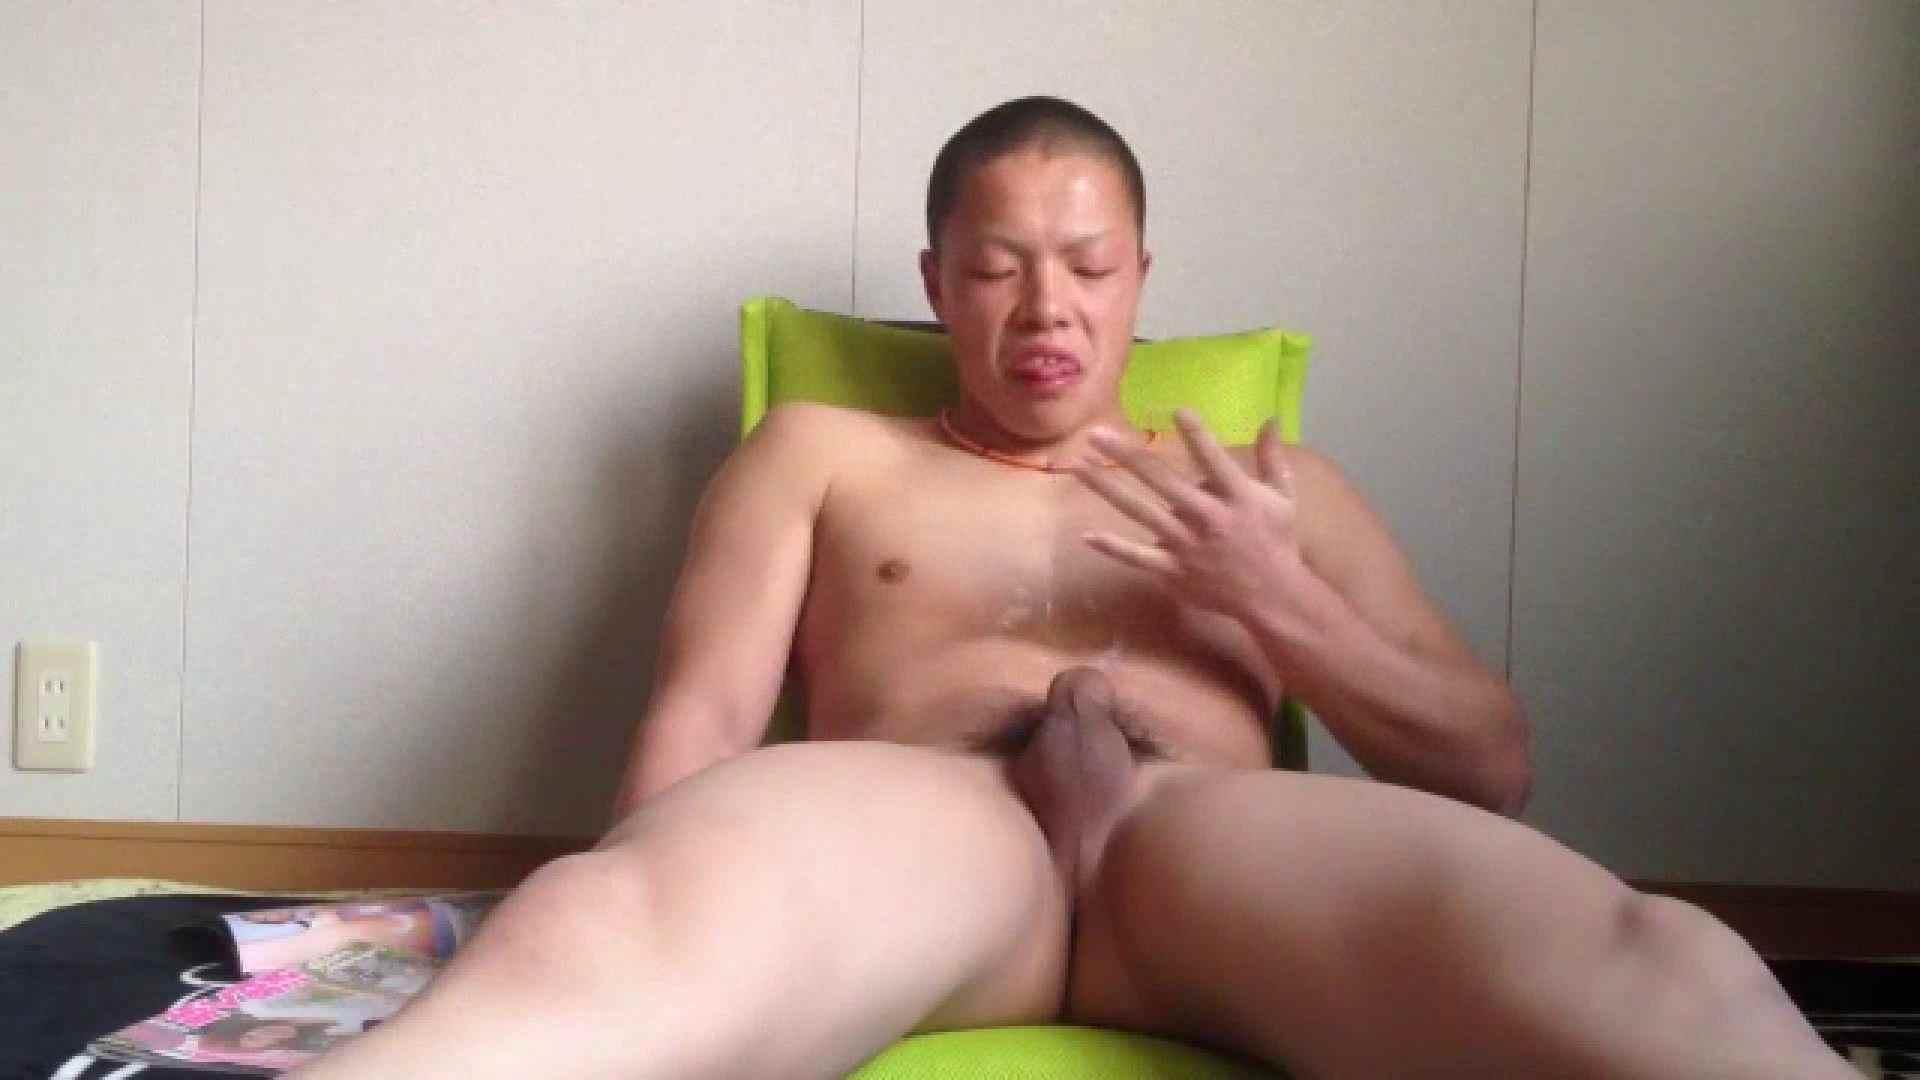 俺の新鮮なミルクはいかが? Vol.11 男天国 | オナニー特集  83pic 76